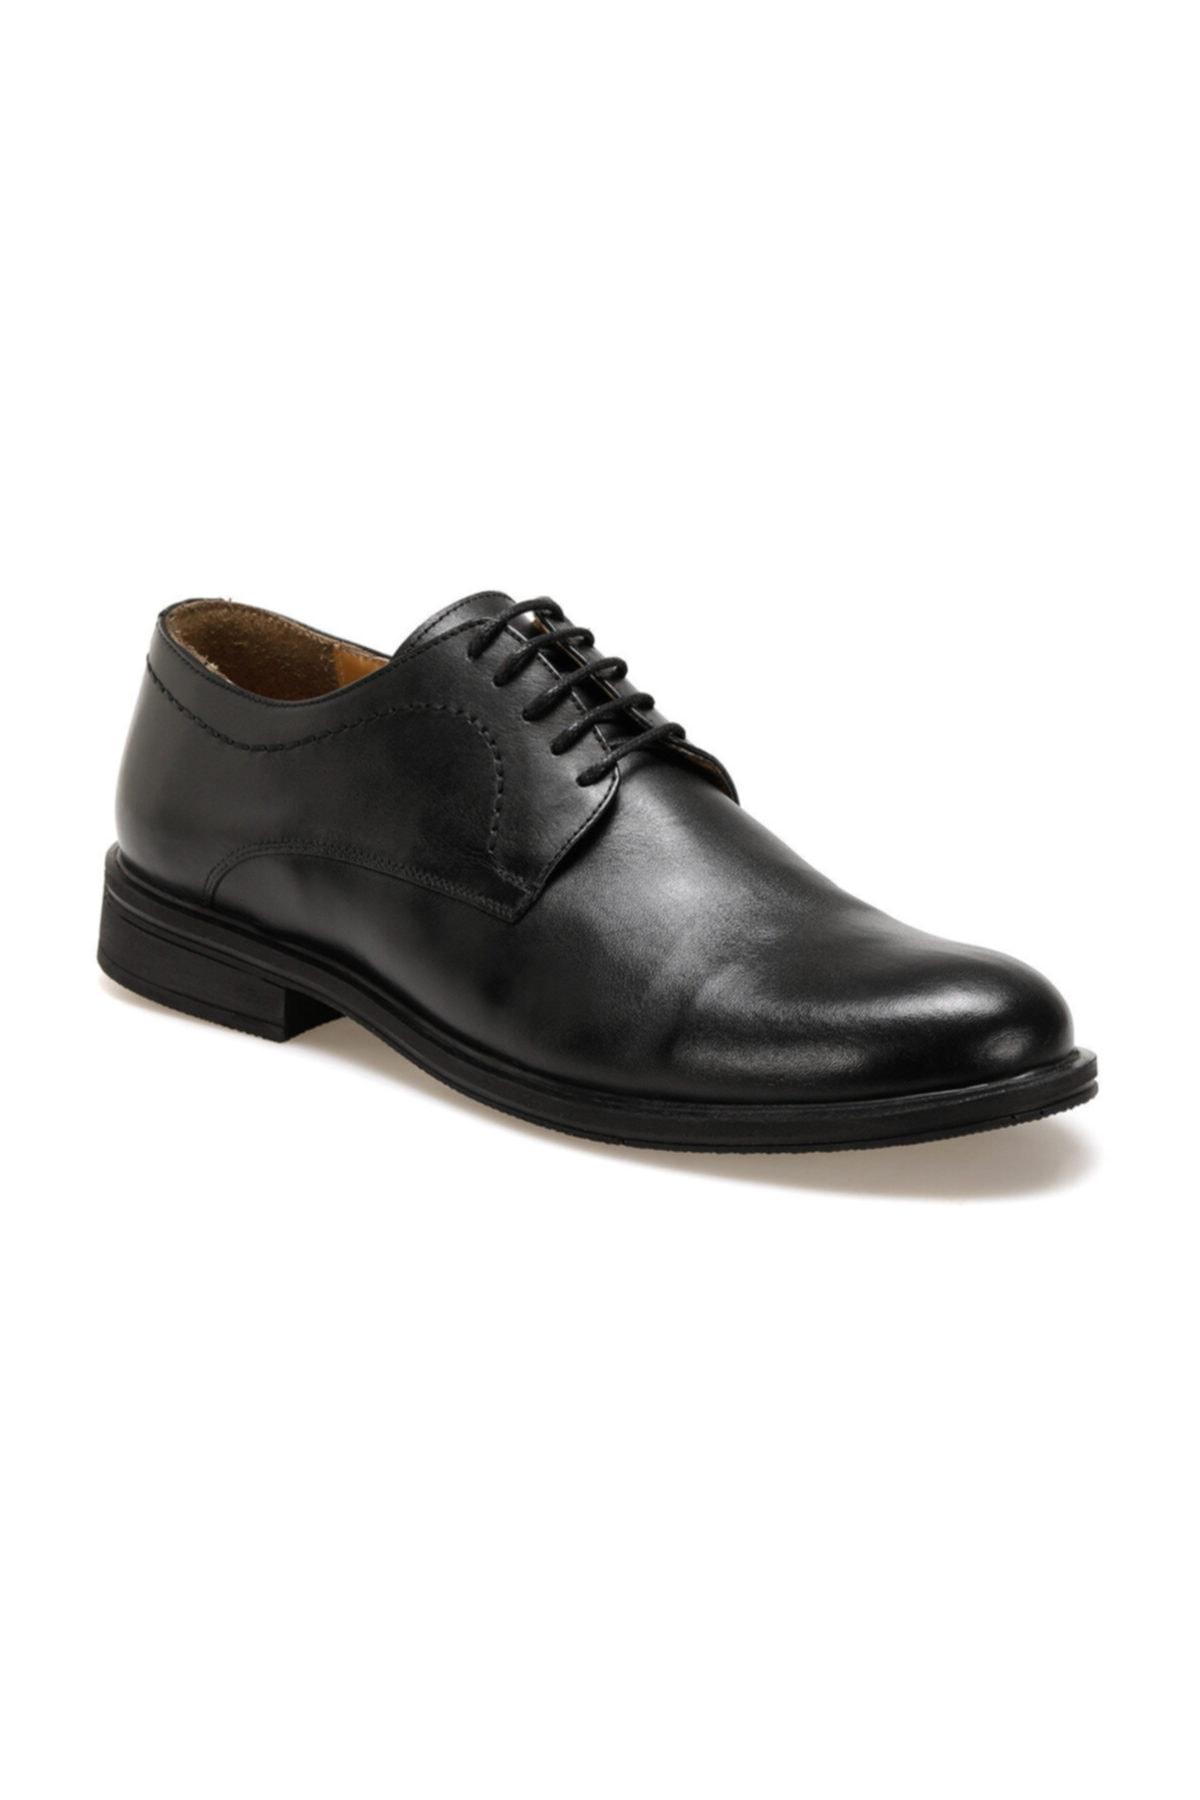 Garamond 468 Siyah Erkek Dress Ayakkabı 100518068 1